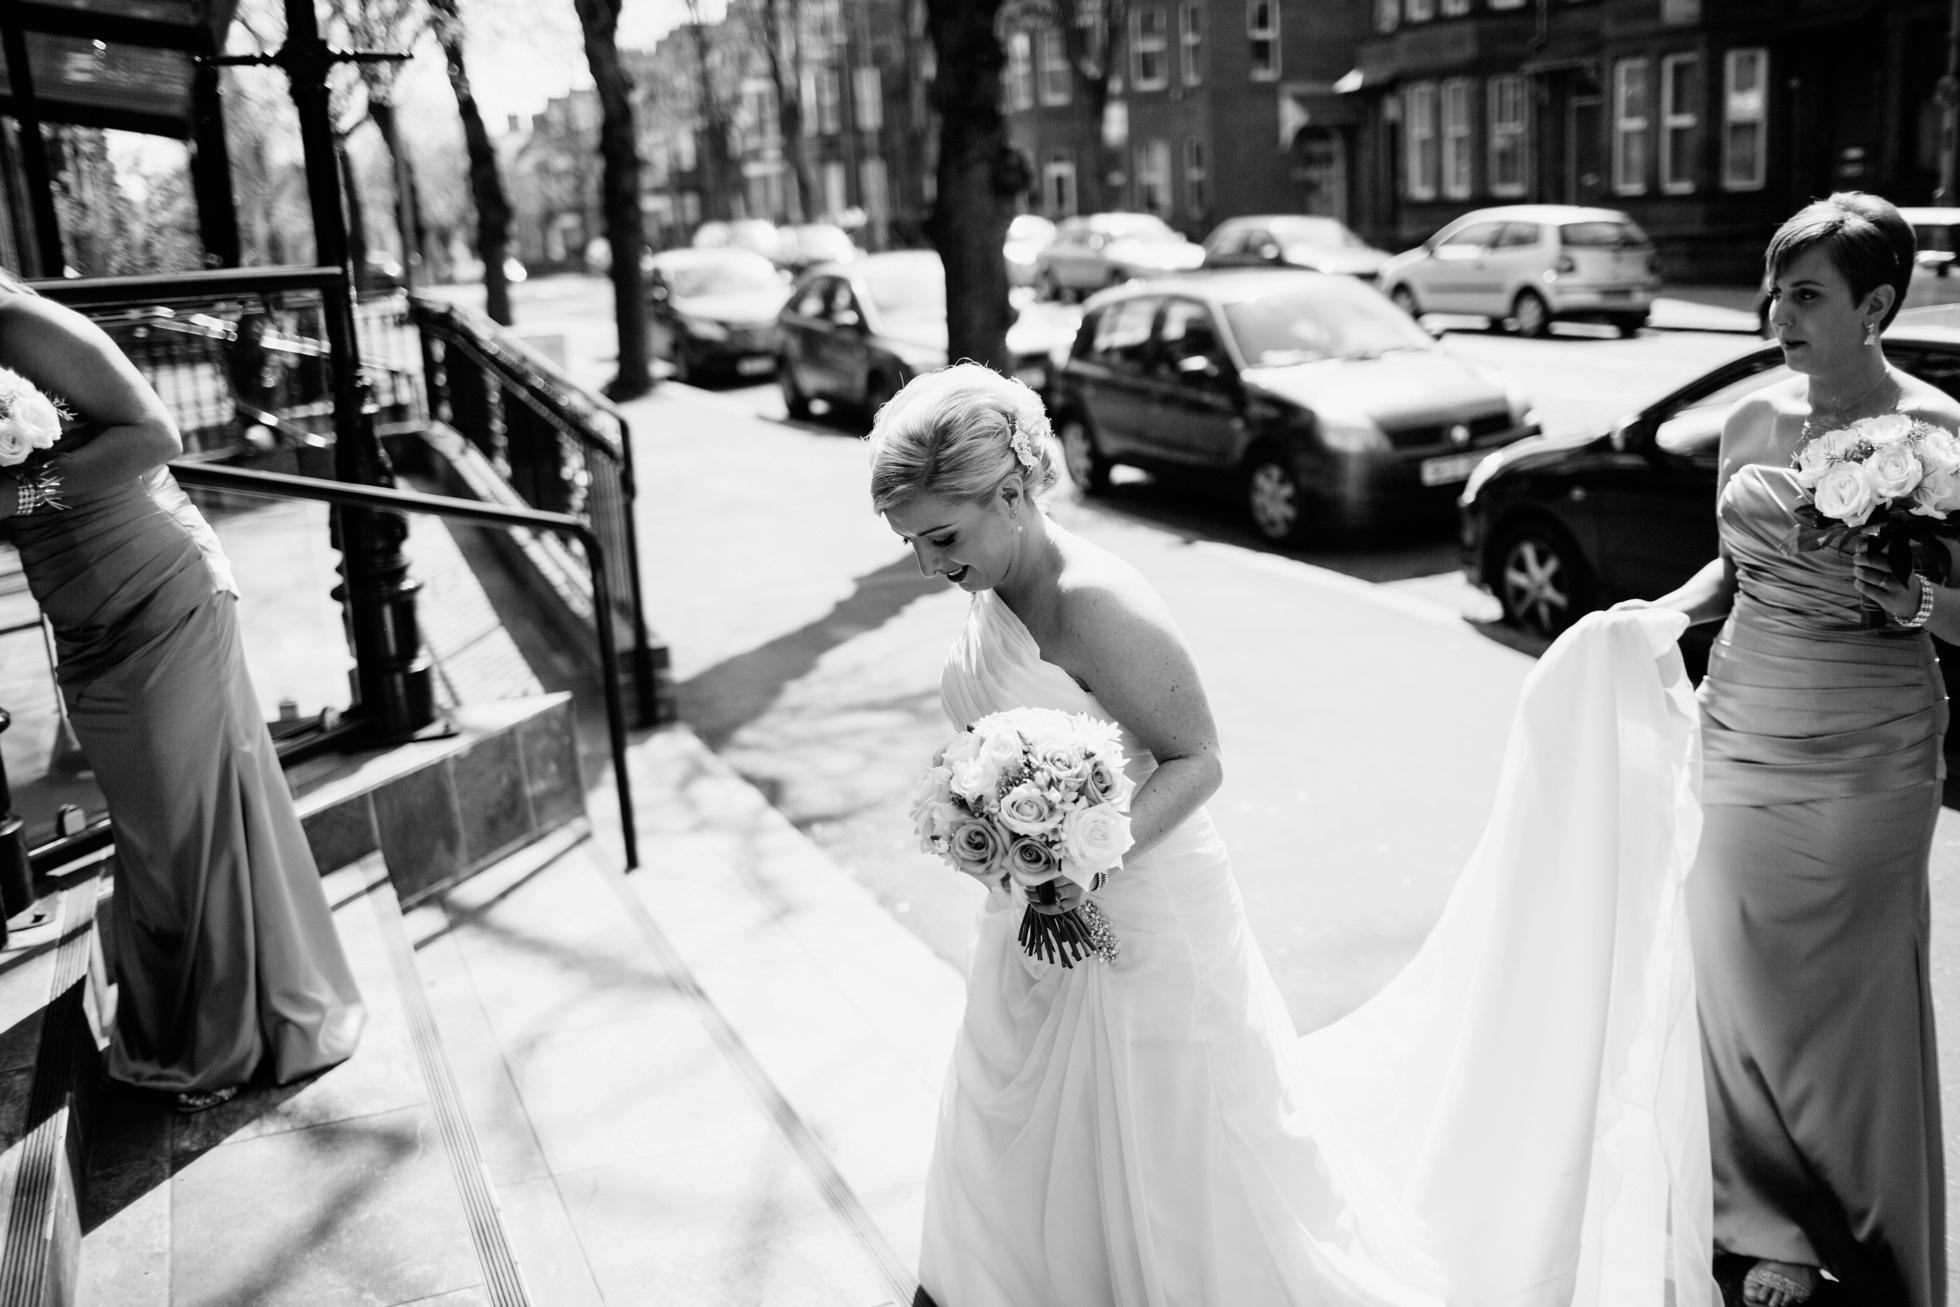 butch femme wedding ireland